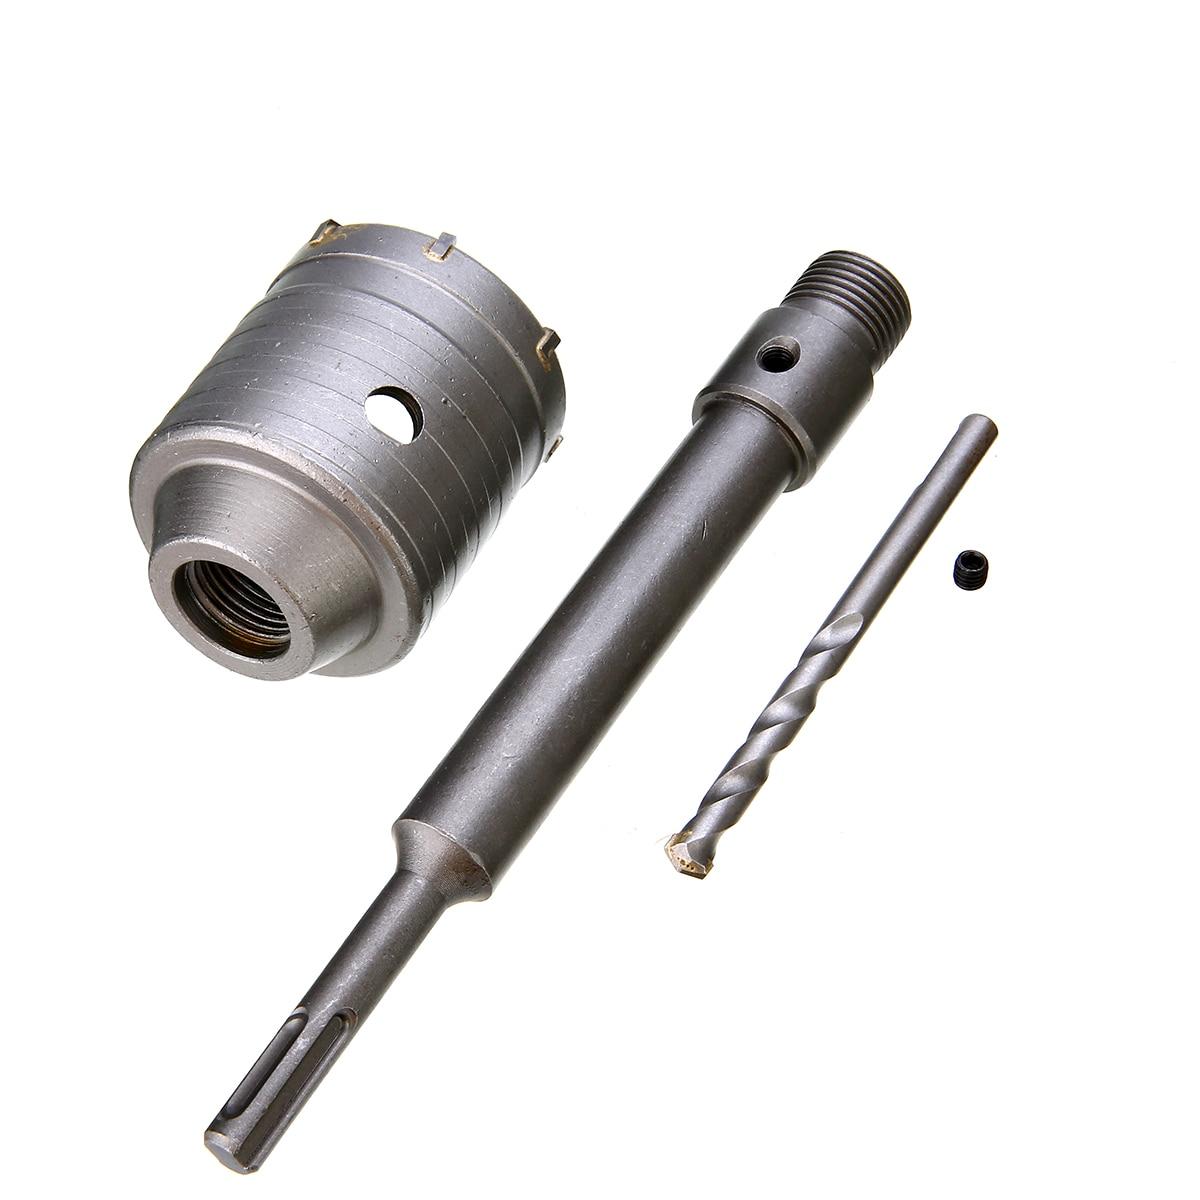 Zeer 1 set 58mm Metalen Beton Boor Muur Gatenzaag Kit 200mm Staaf Voor UB52